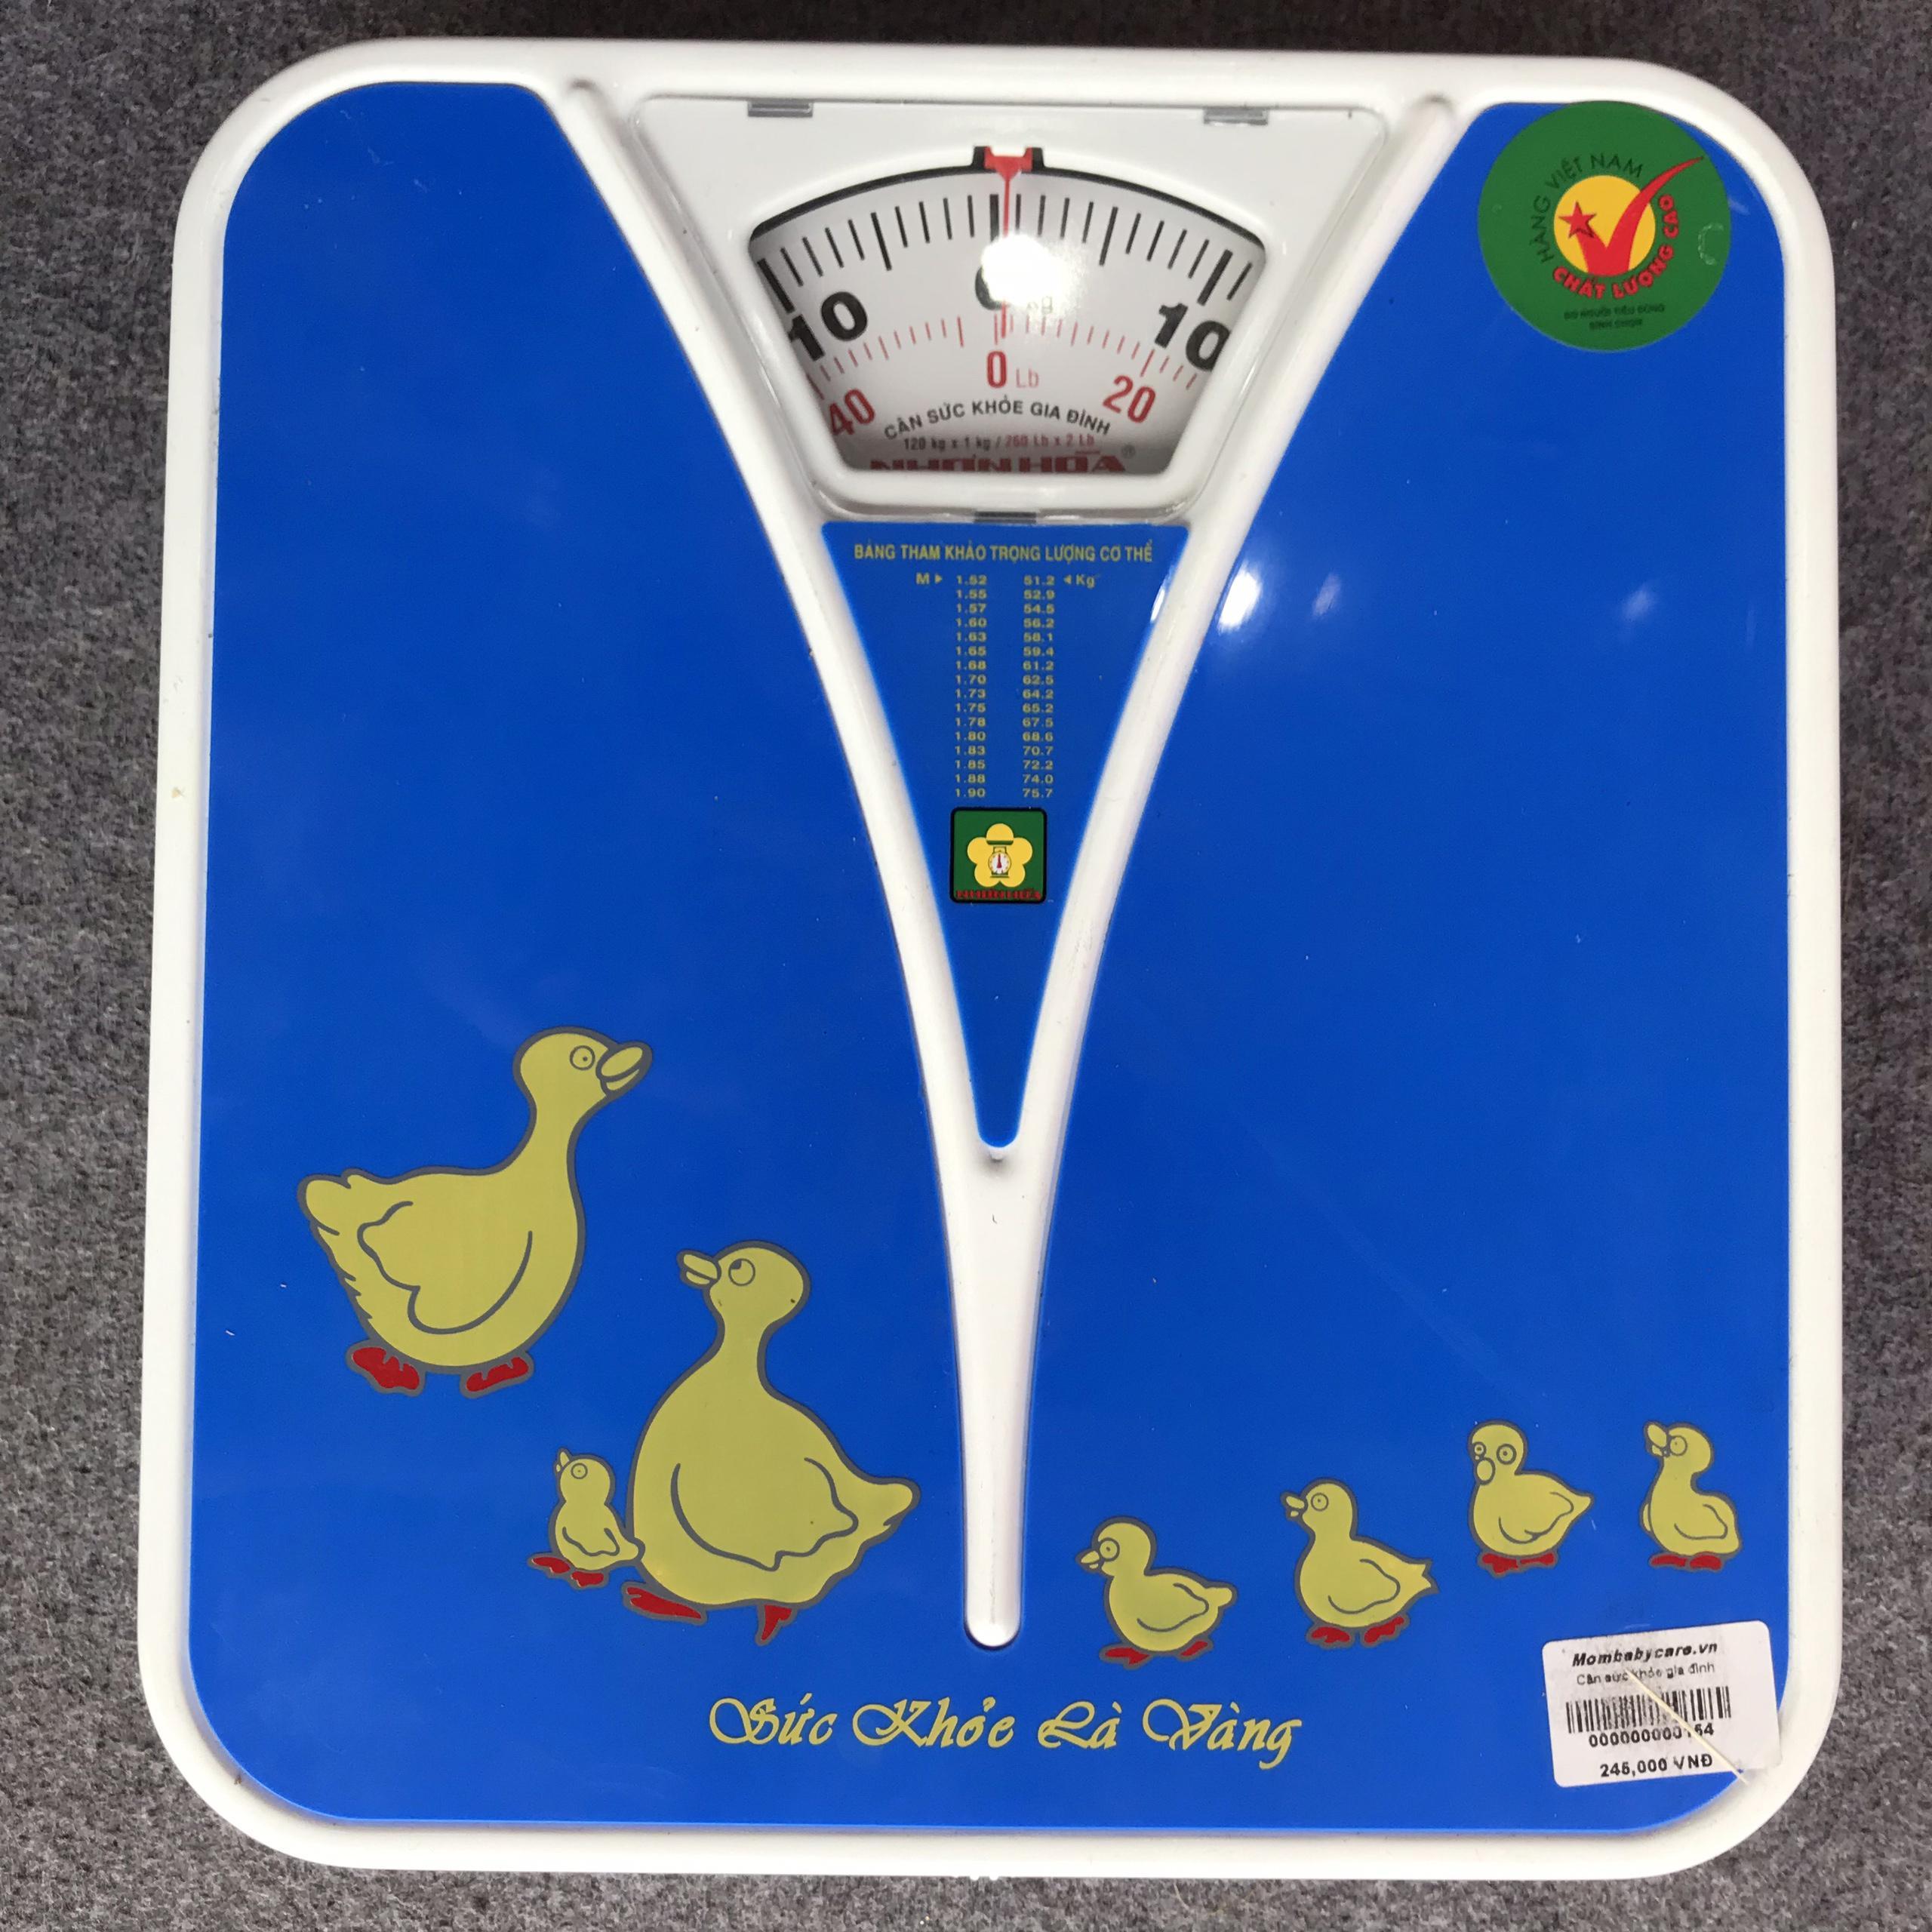 Cân sức khỏe giúp kiểm soát cân nặng cho cả gia đình